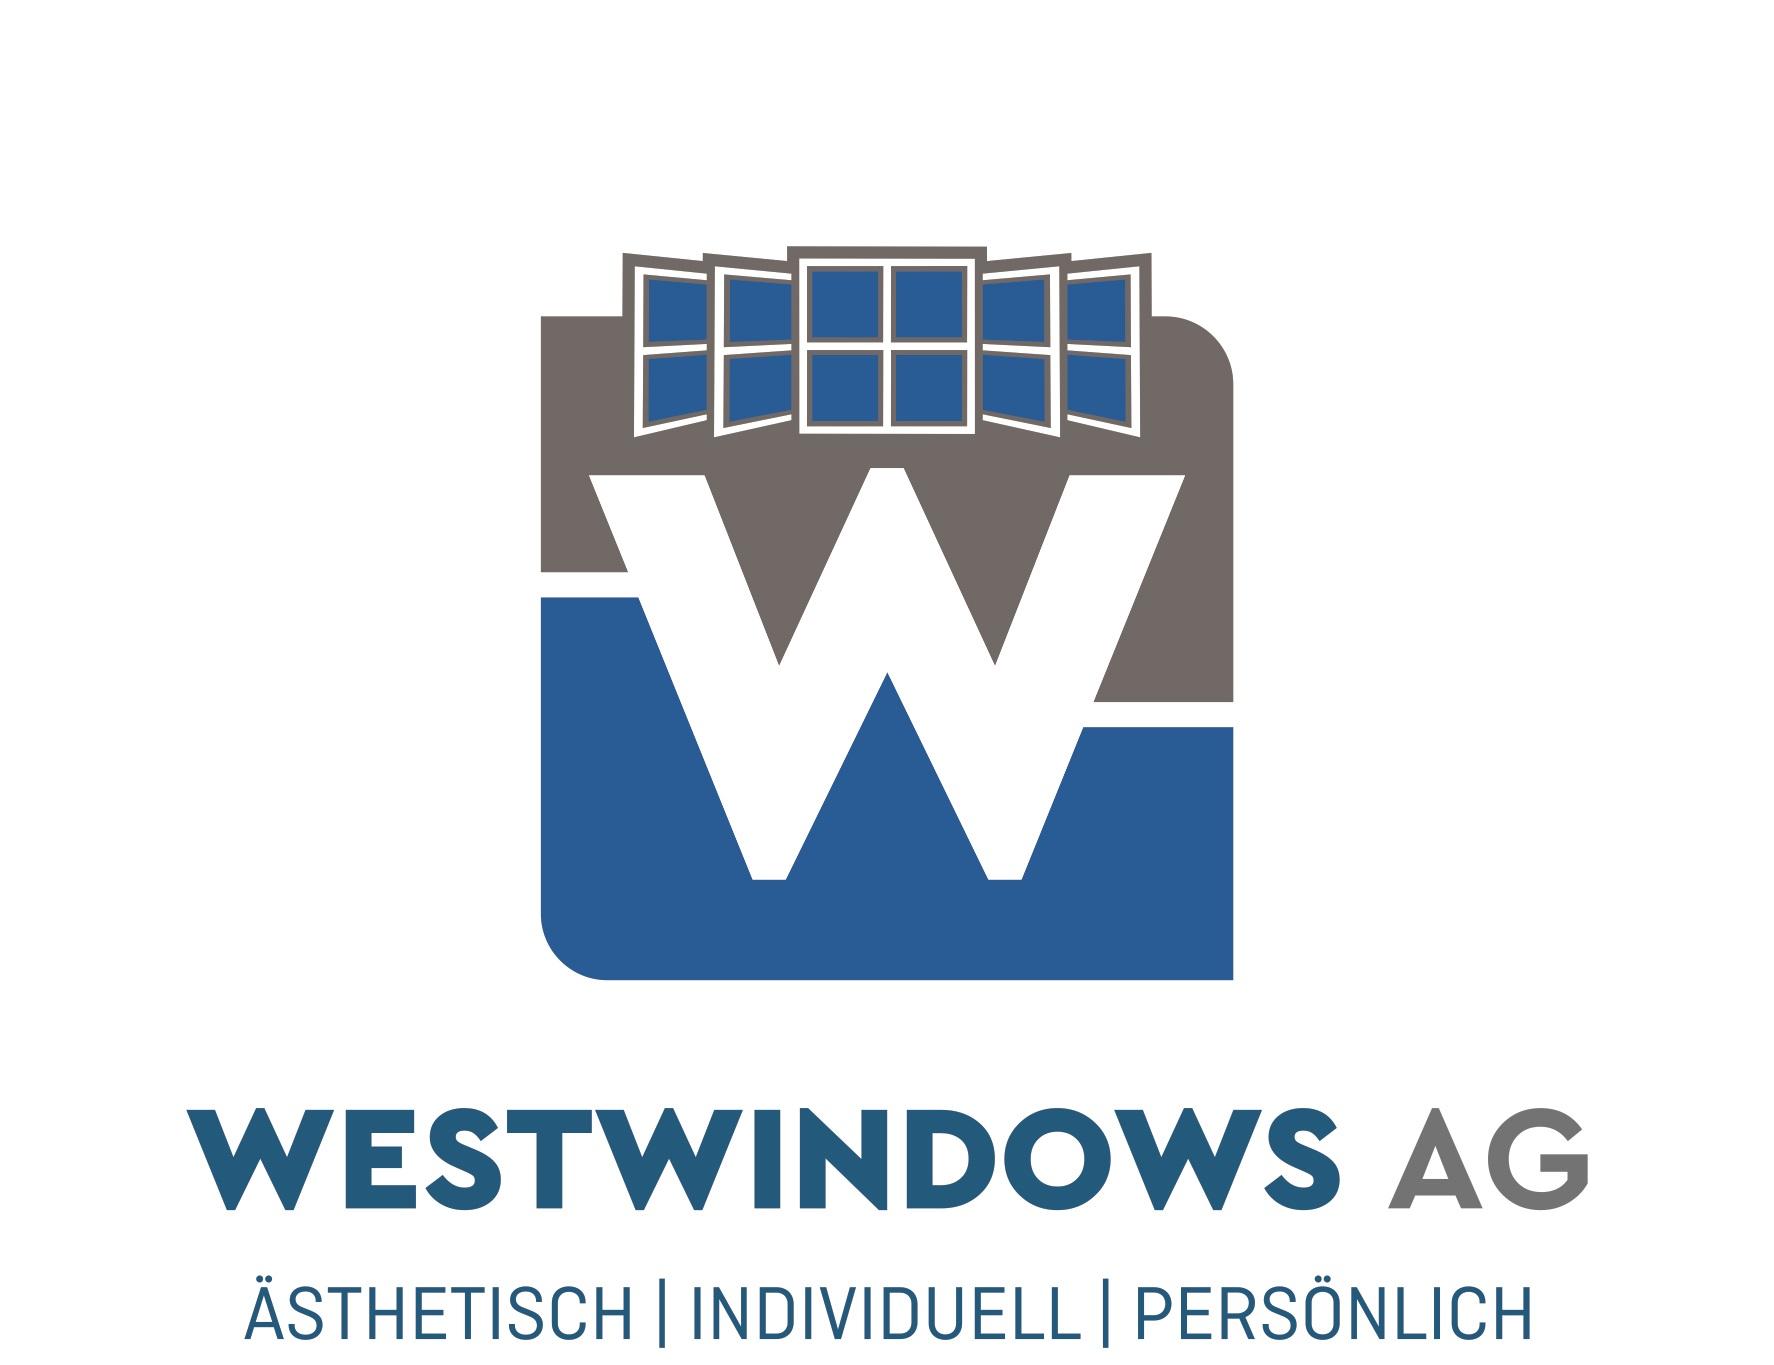 West Windows AG